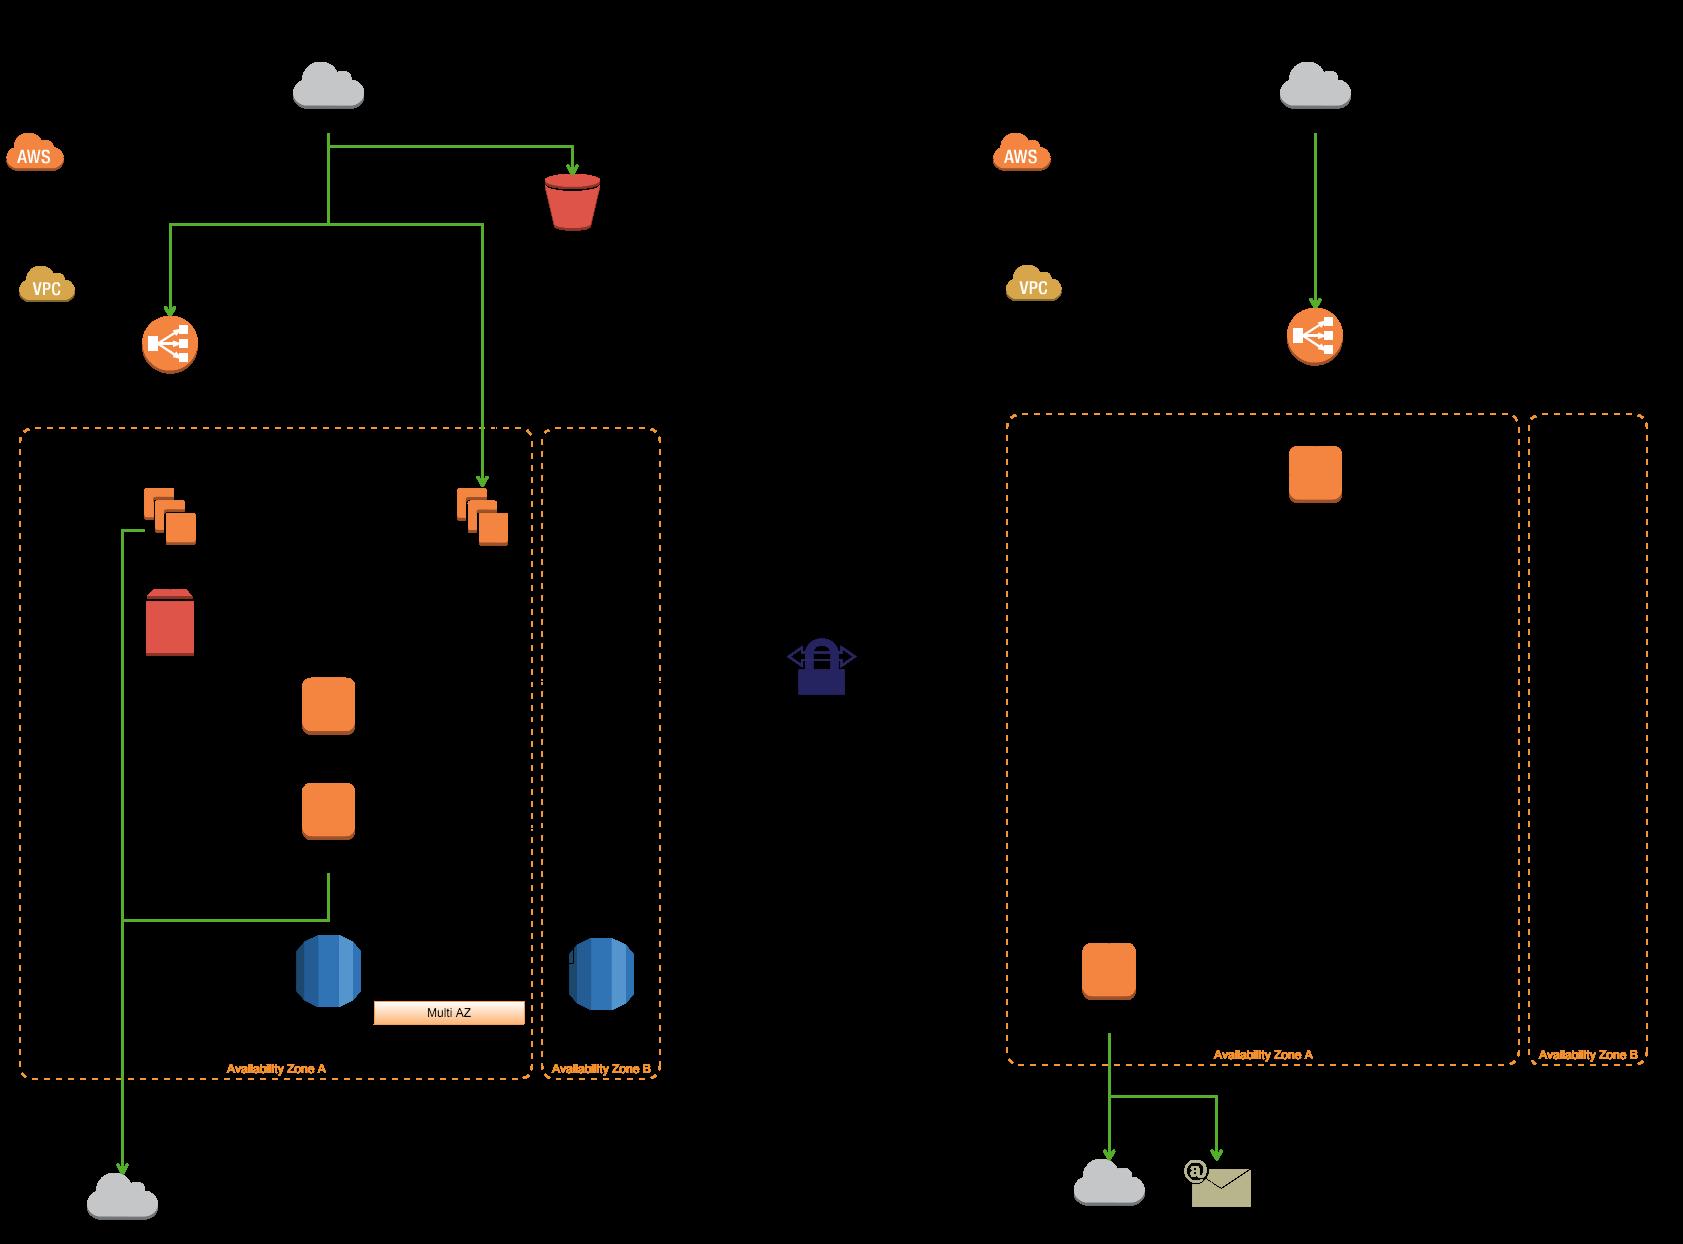 1. ウェブサーバの移行